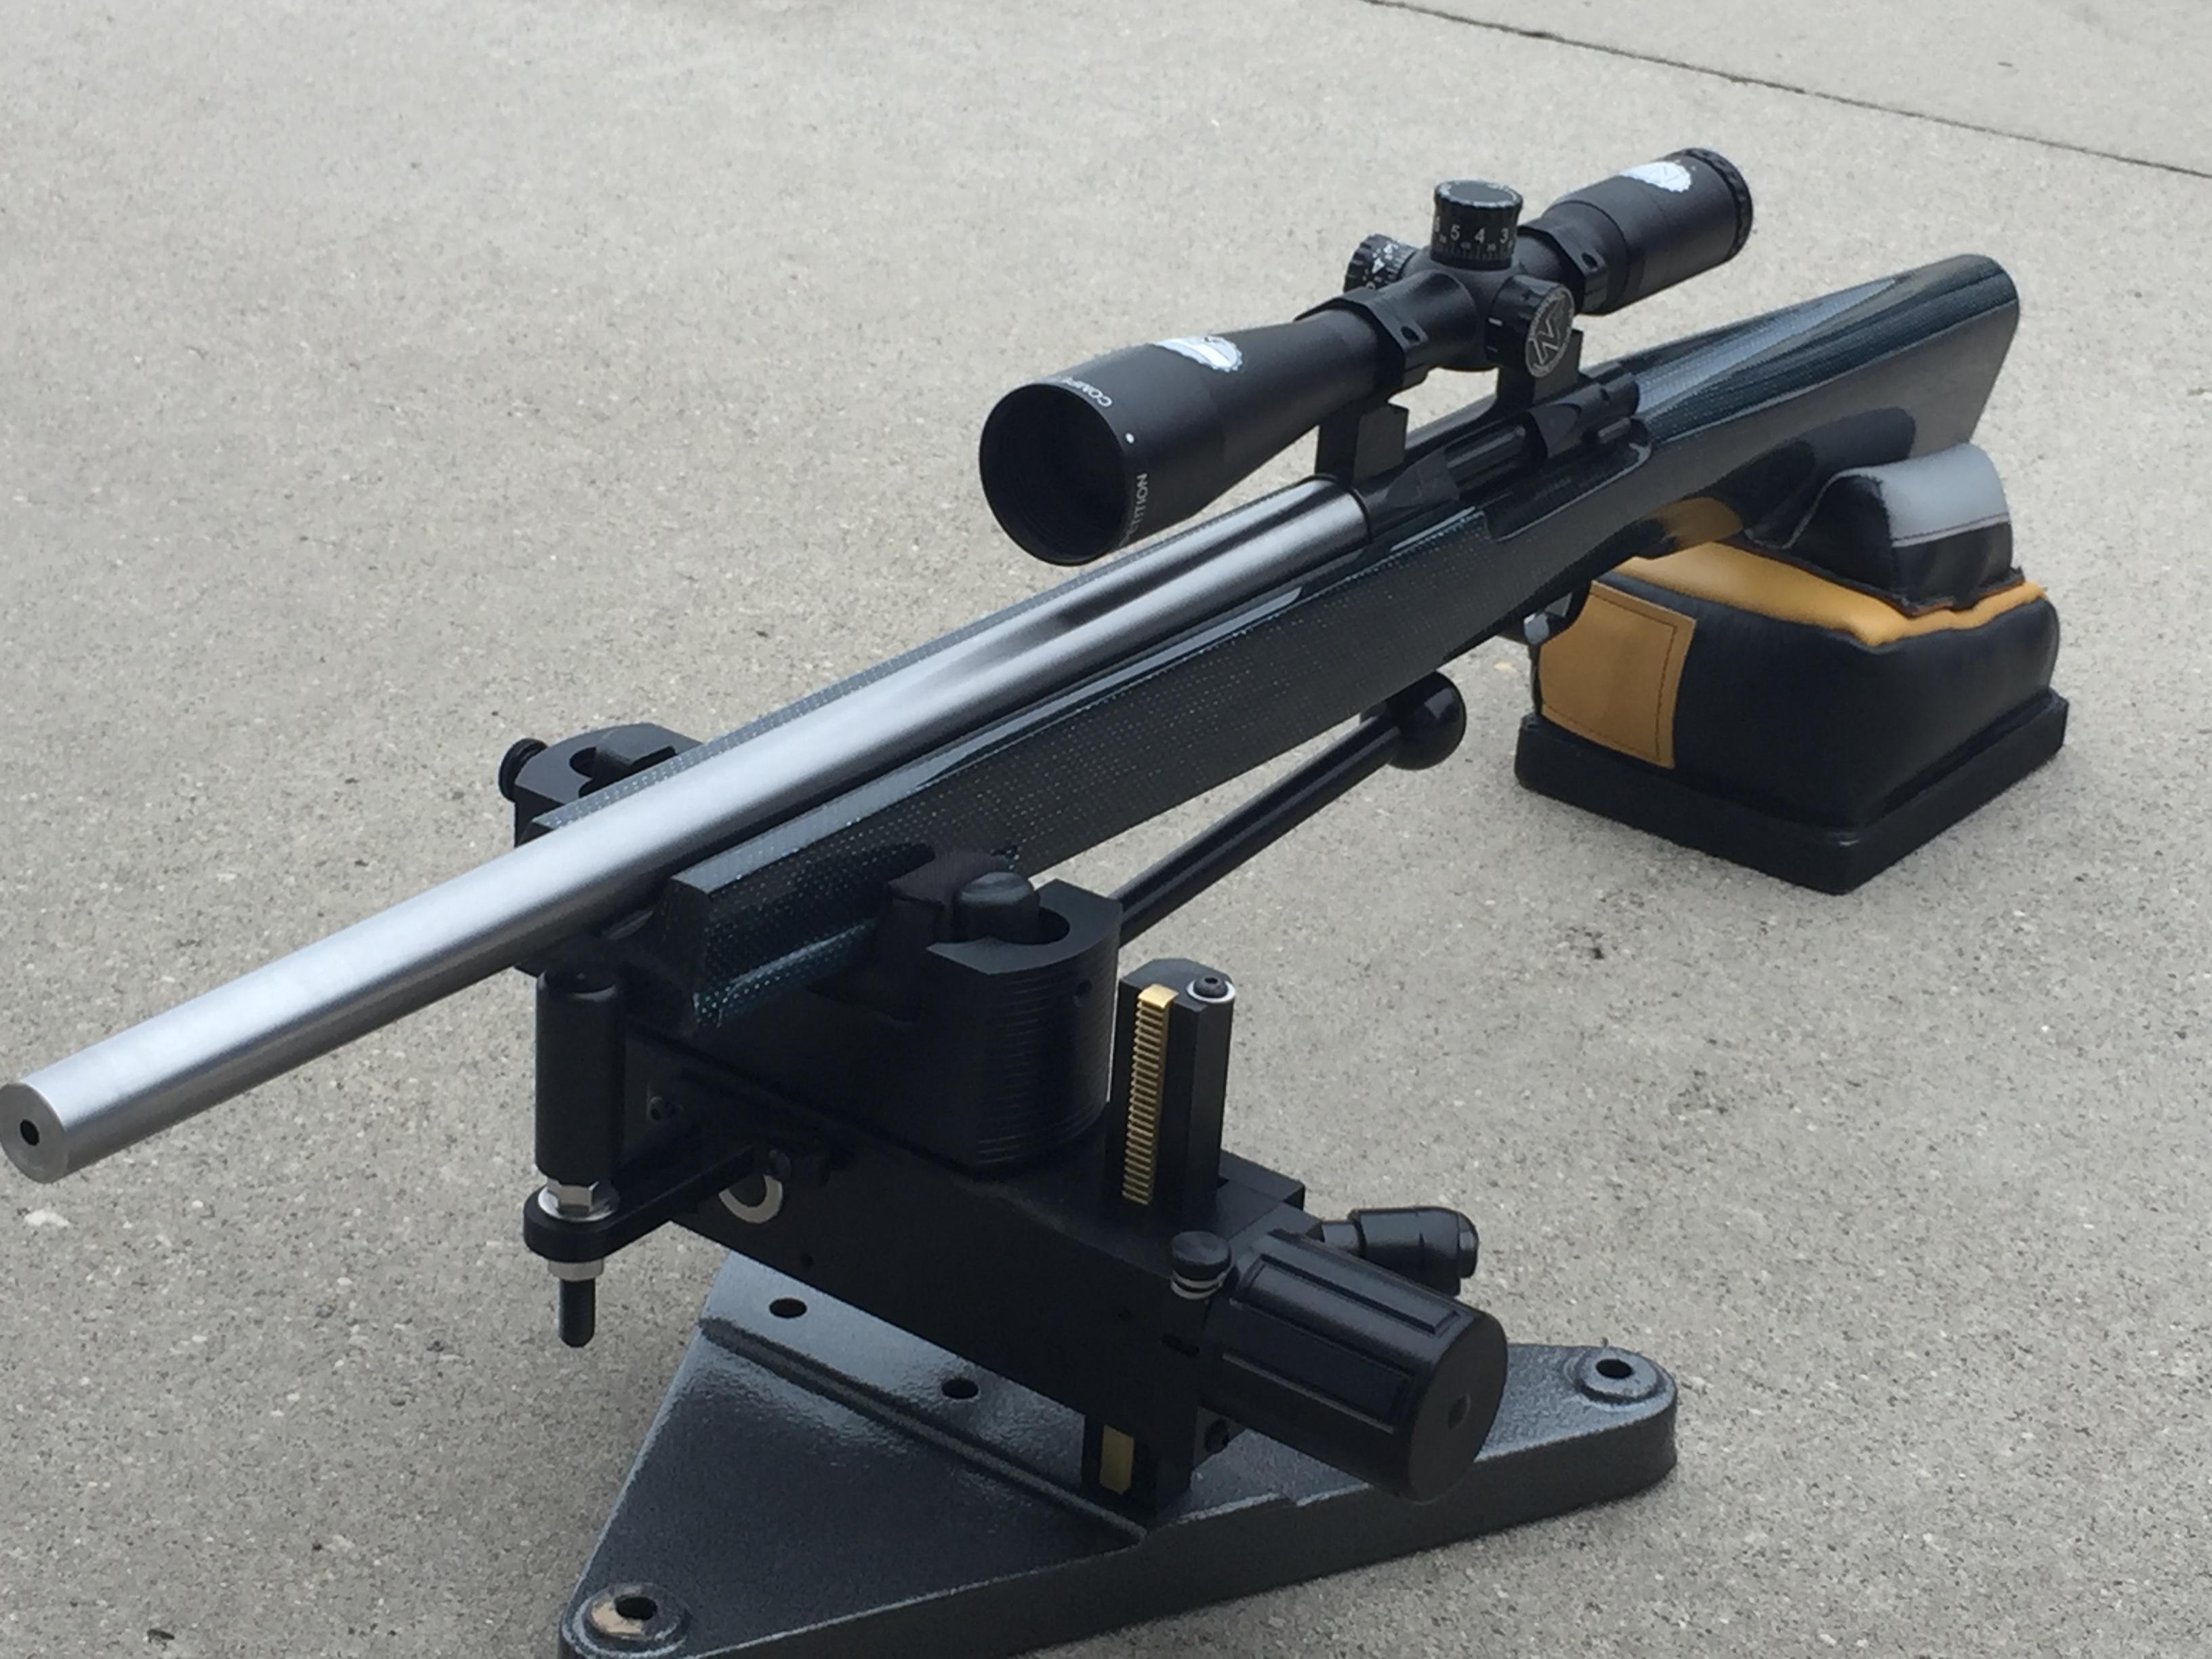 hro stand en equipment shooting gbr bench rest schiesssport tec